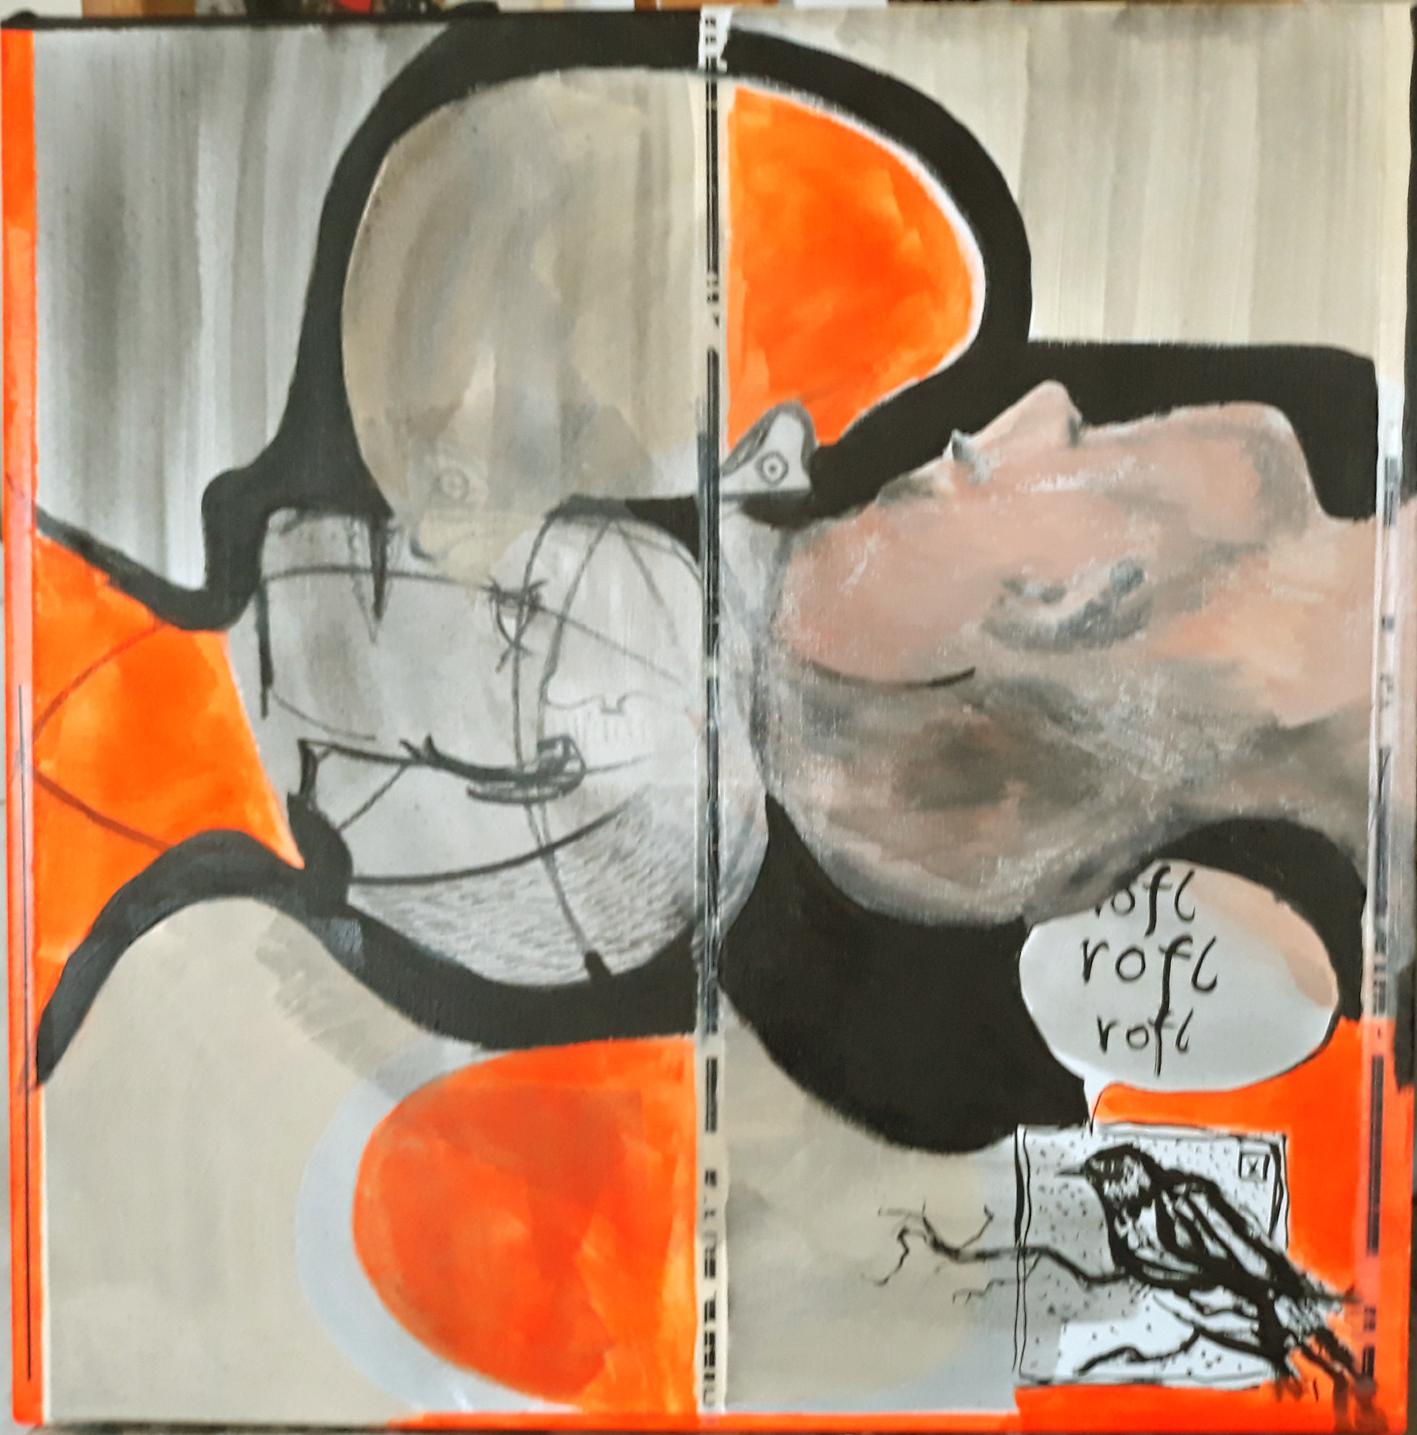 als sechster: Gerhard Kaiser mit Acryl, Öllasur, Gelatine